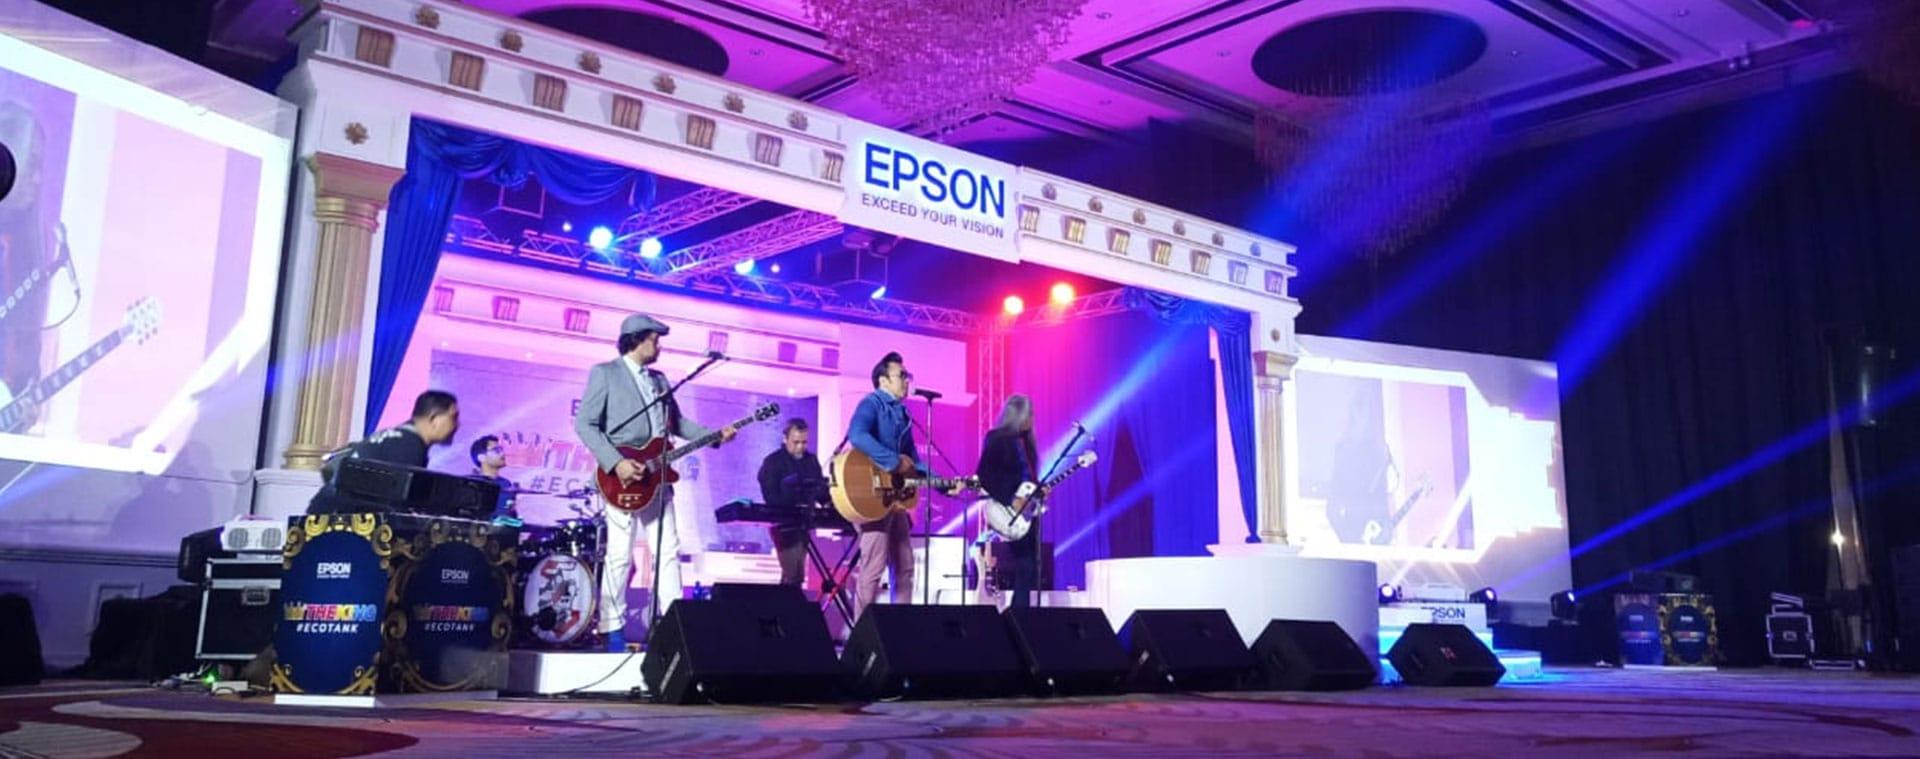 Epson Event